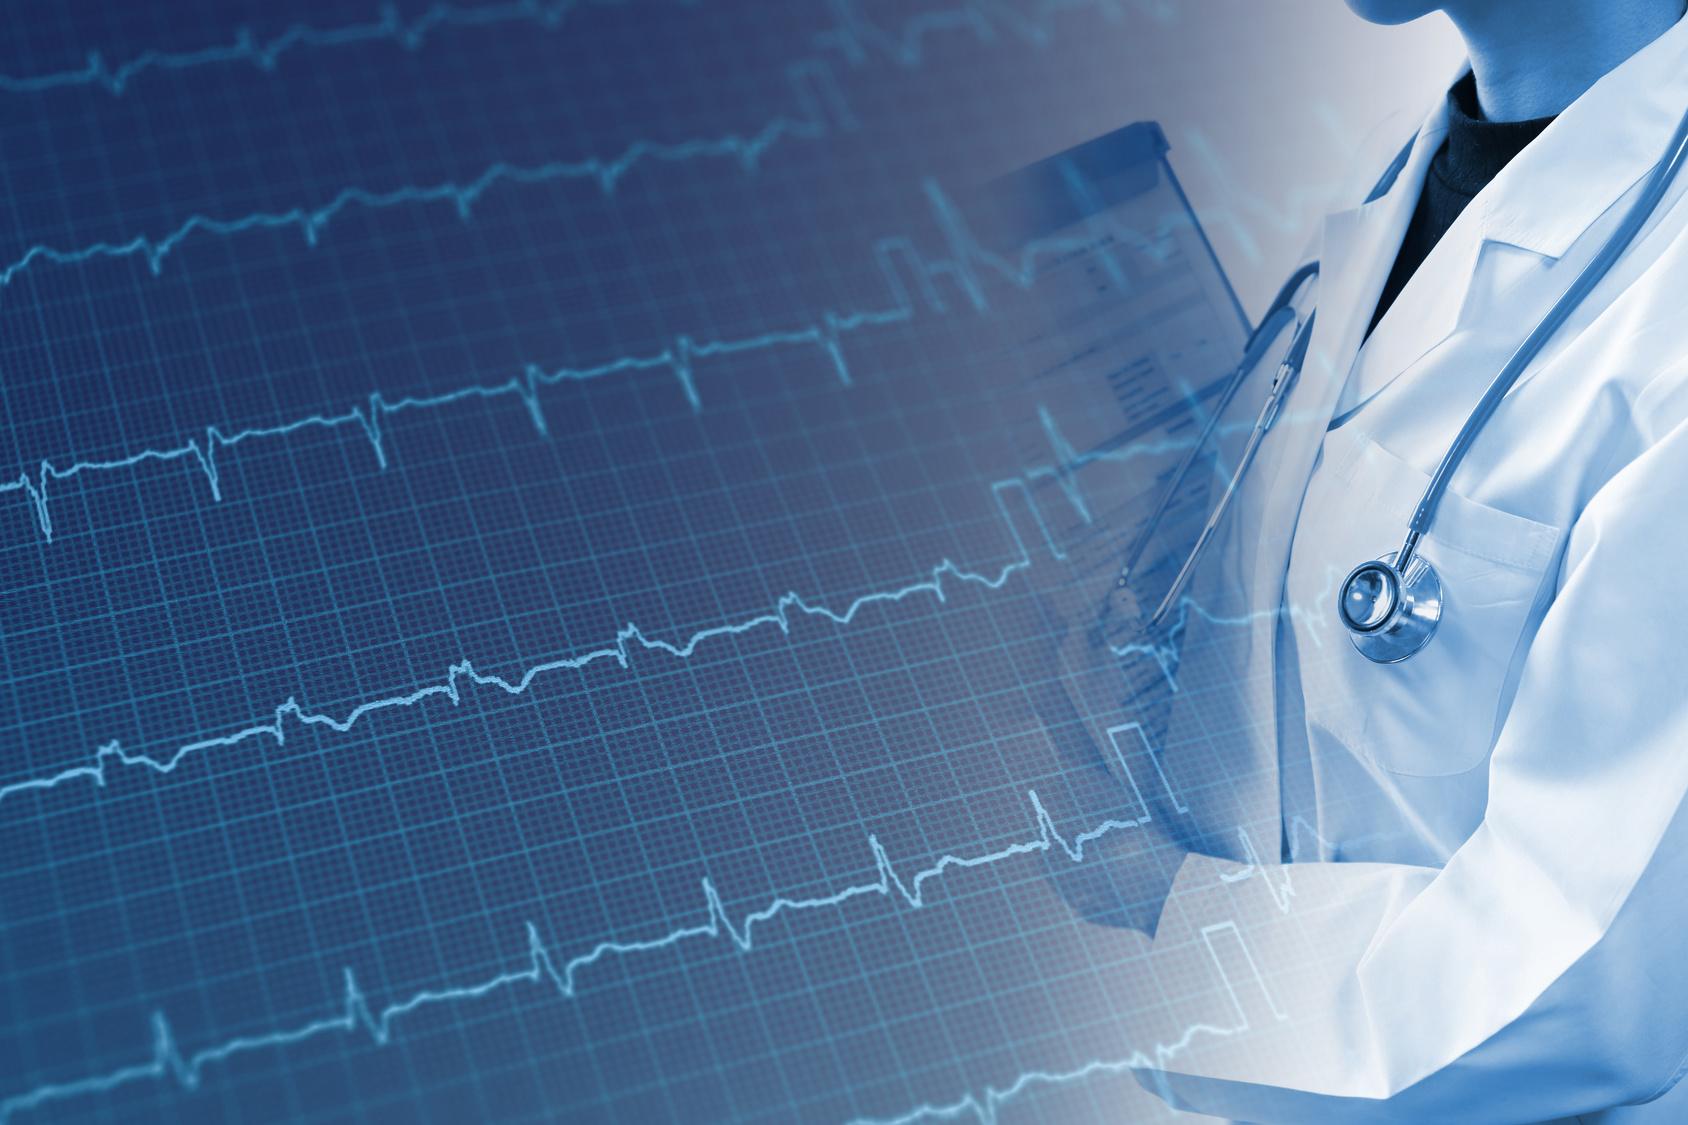 大動脈弁置換術は、トレーニングを積んだ心臓血管外科医ほど手術時間も入院期間も短くて済む!